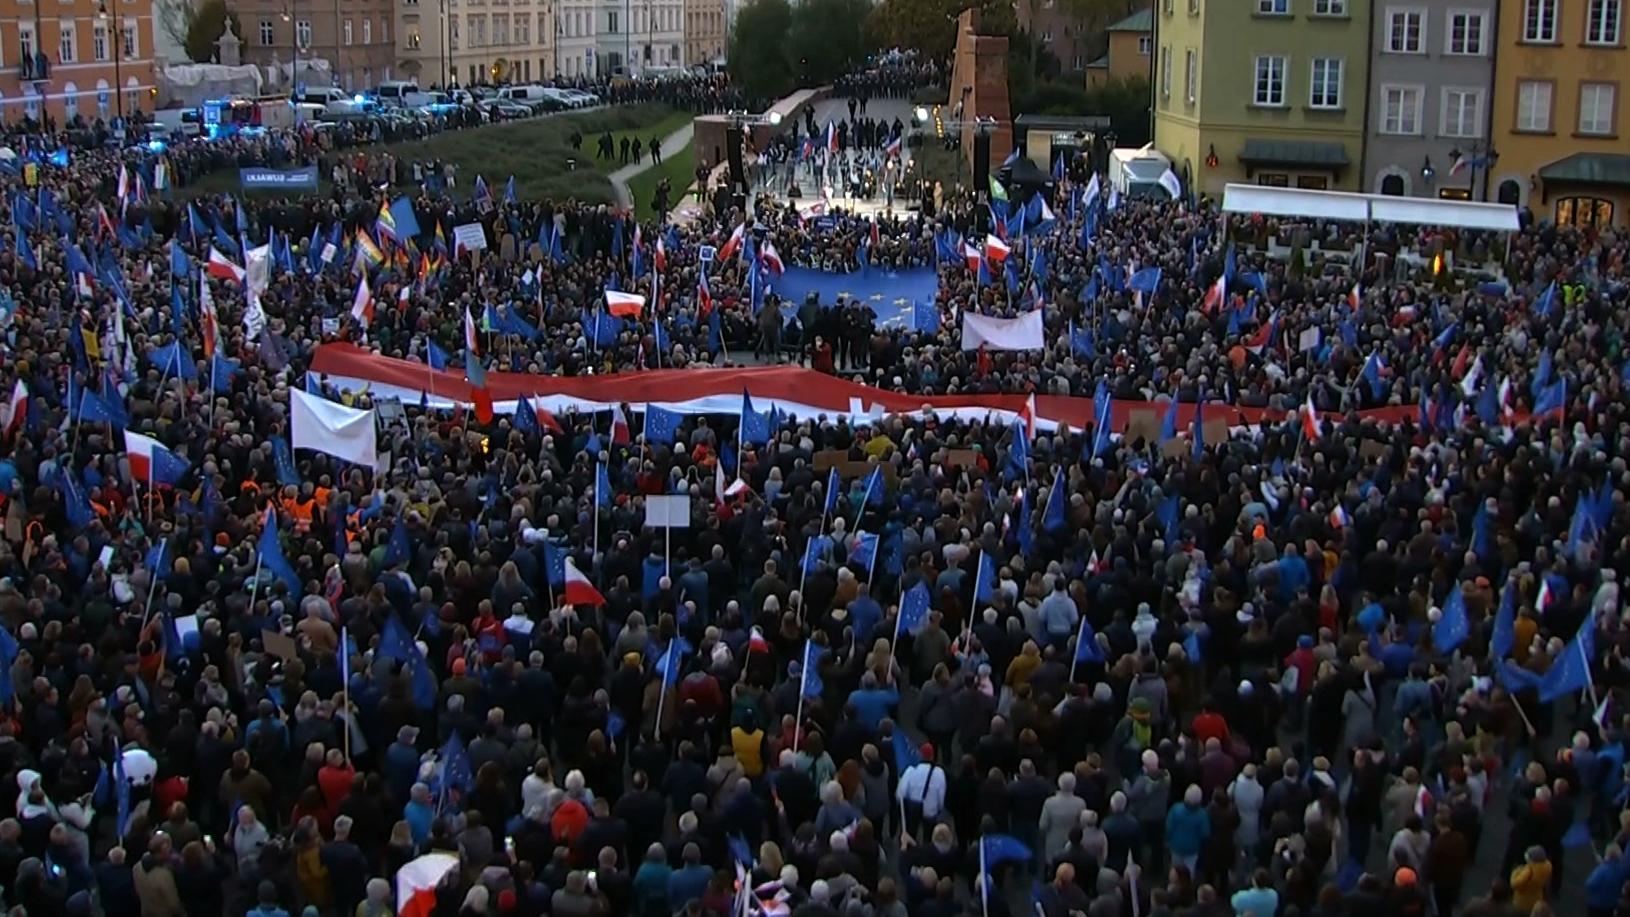 Wielotysięczna manifestacja w Warszawie. Na scenie przemawiał Donald Tusk